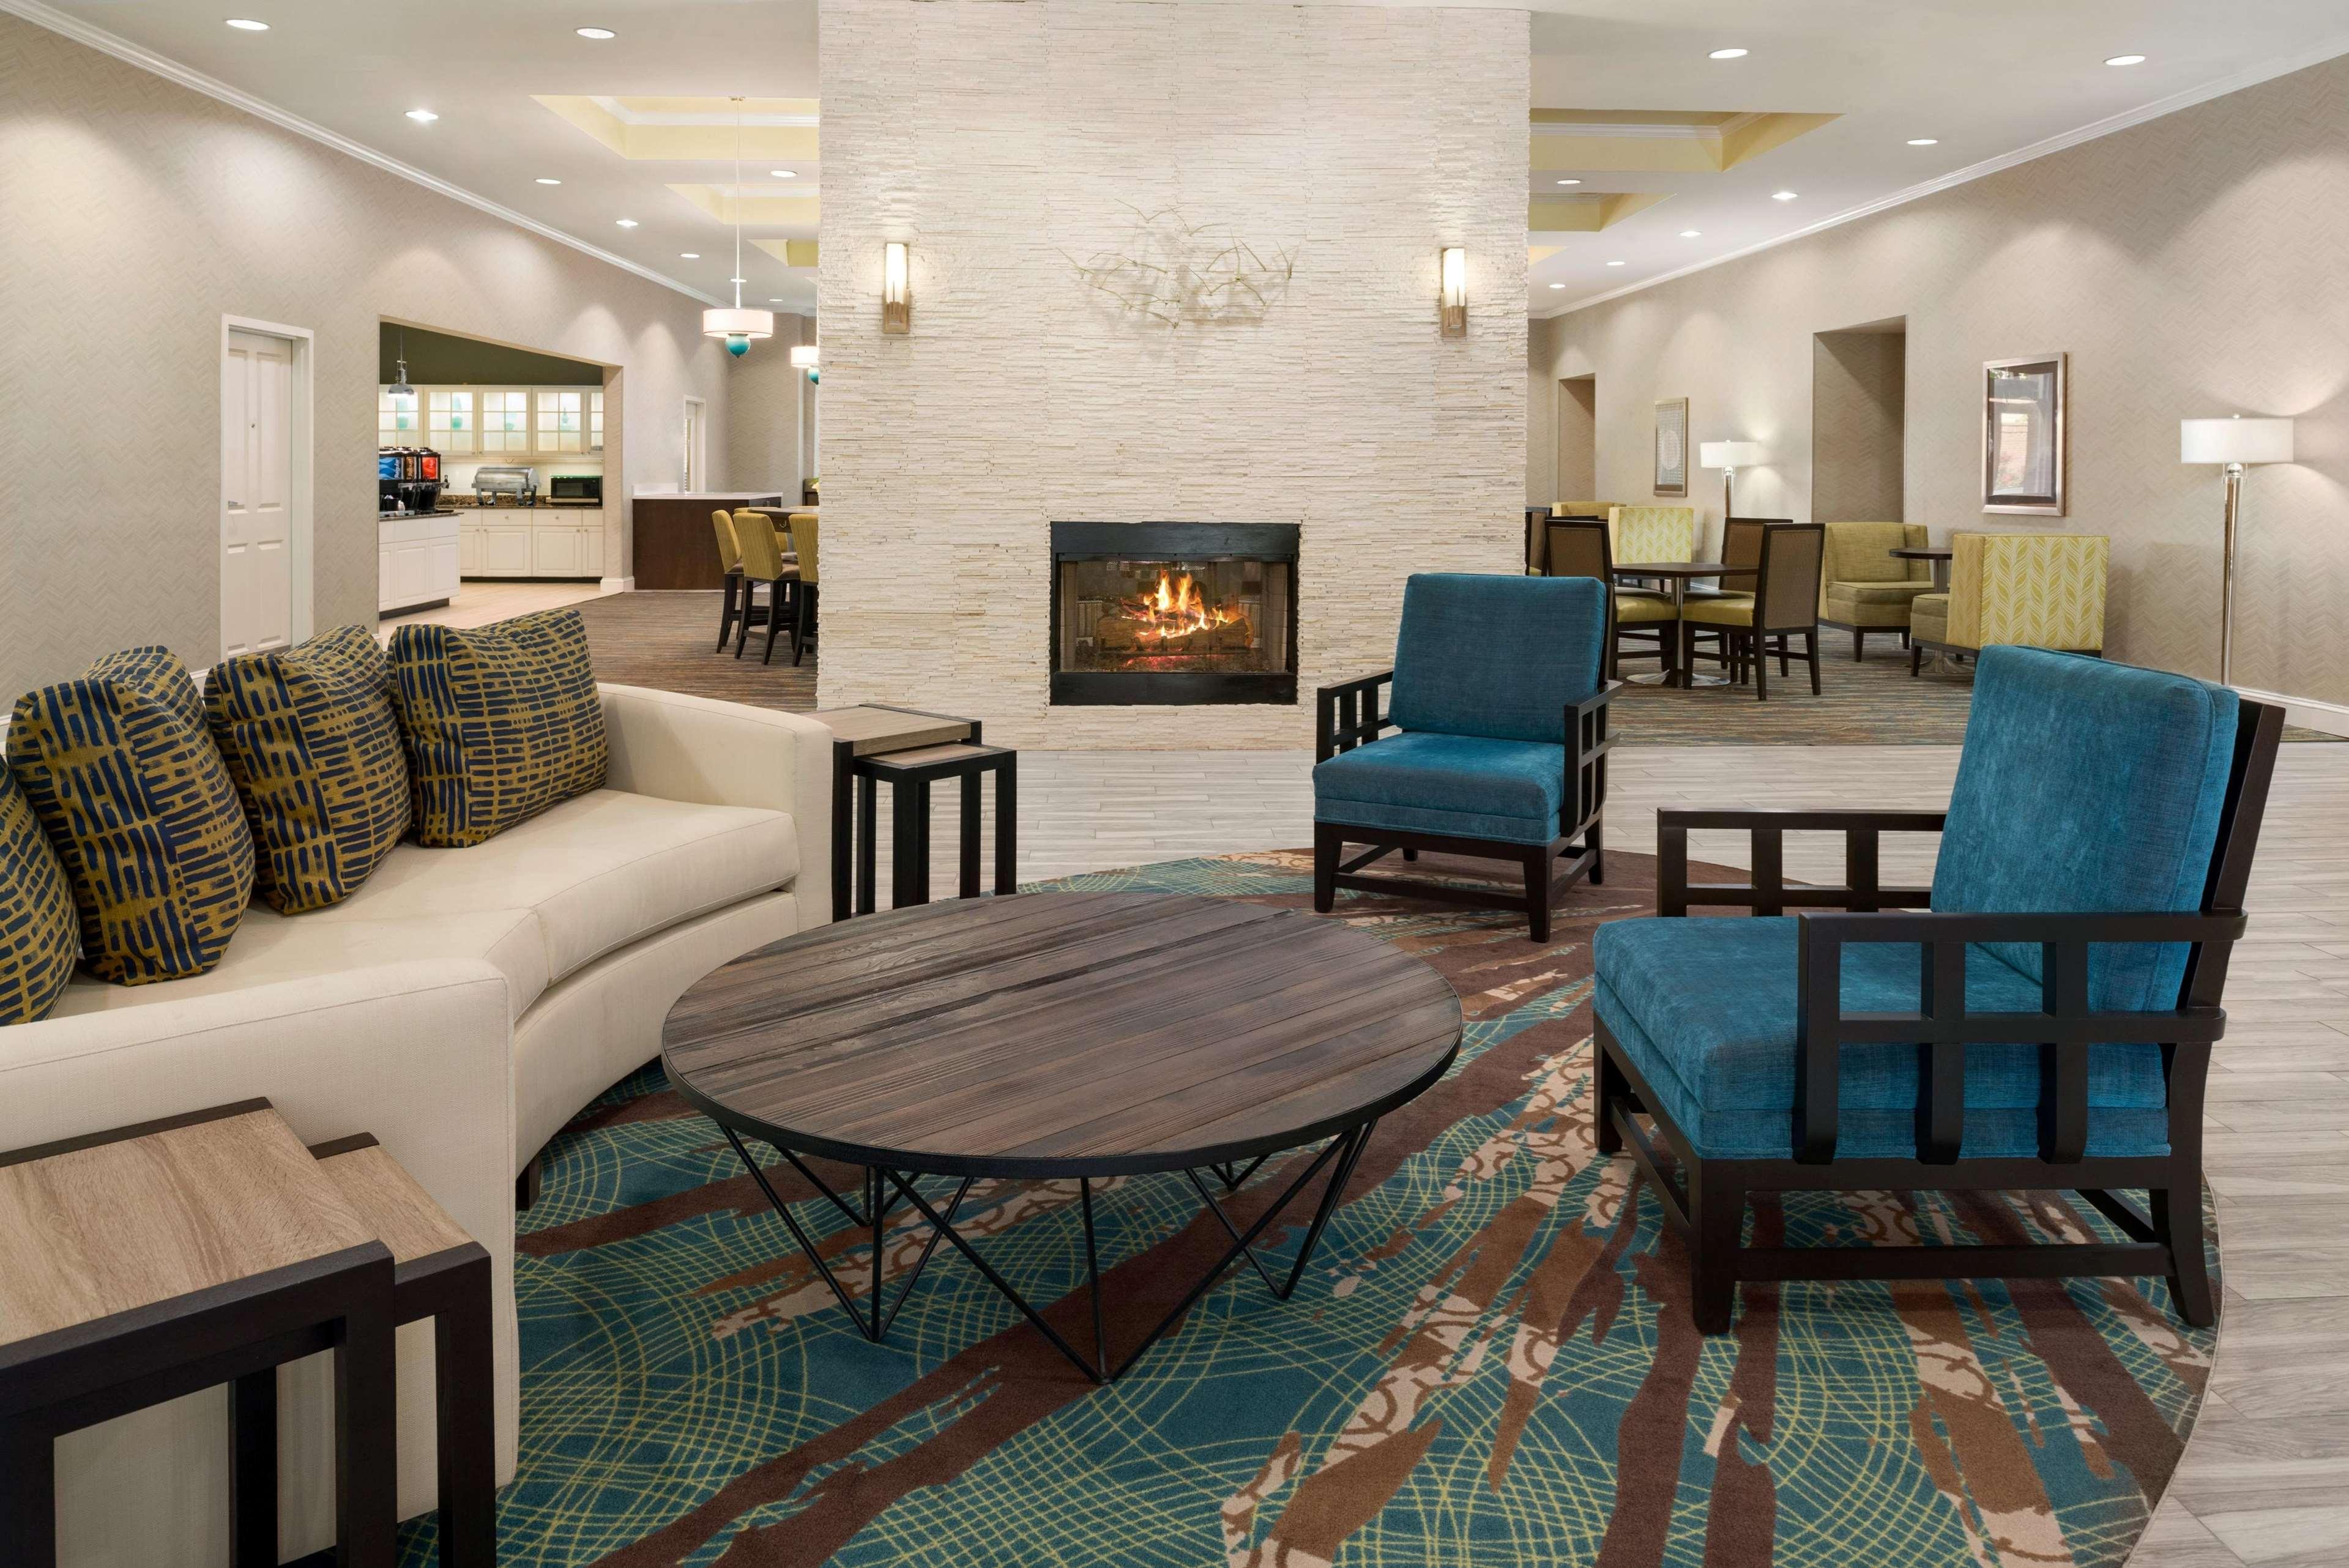 Homewood Suites by Hilton Charleston - Mt. Pleasant image 34